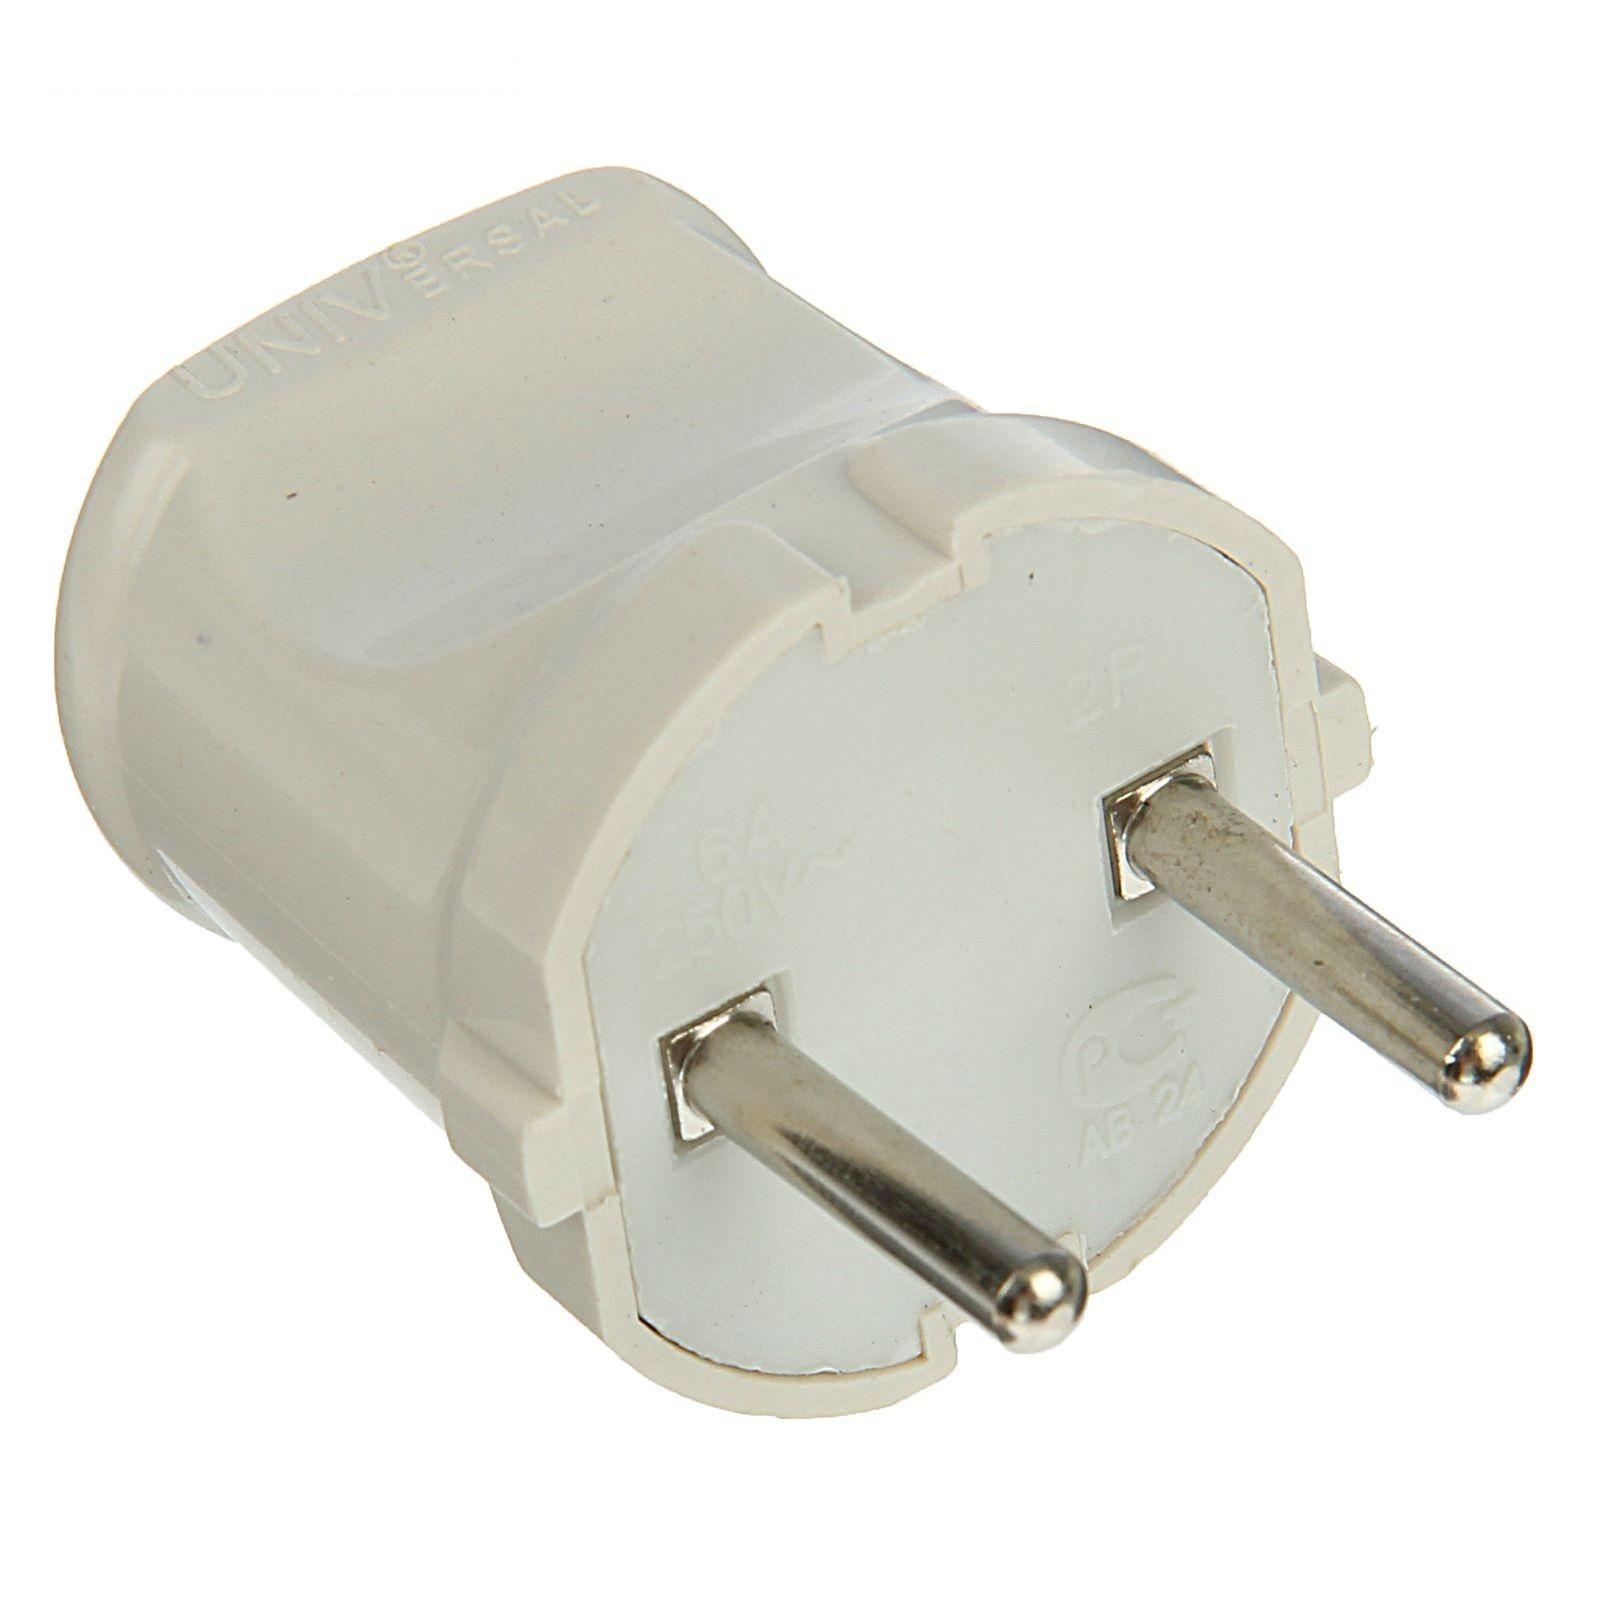 Купить Вилка электрическая без заземления, пластиковая — Фото №1